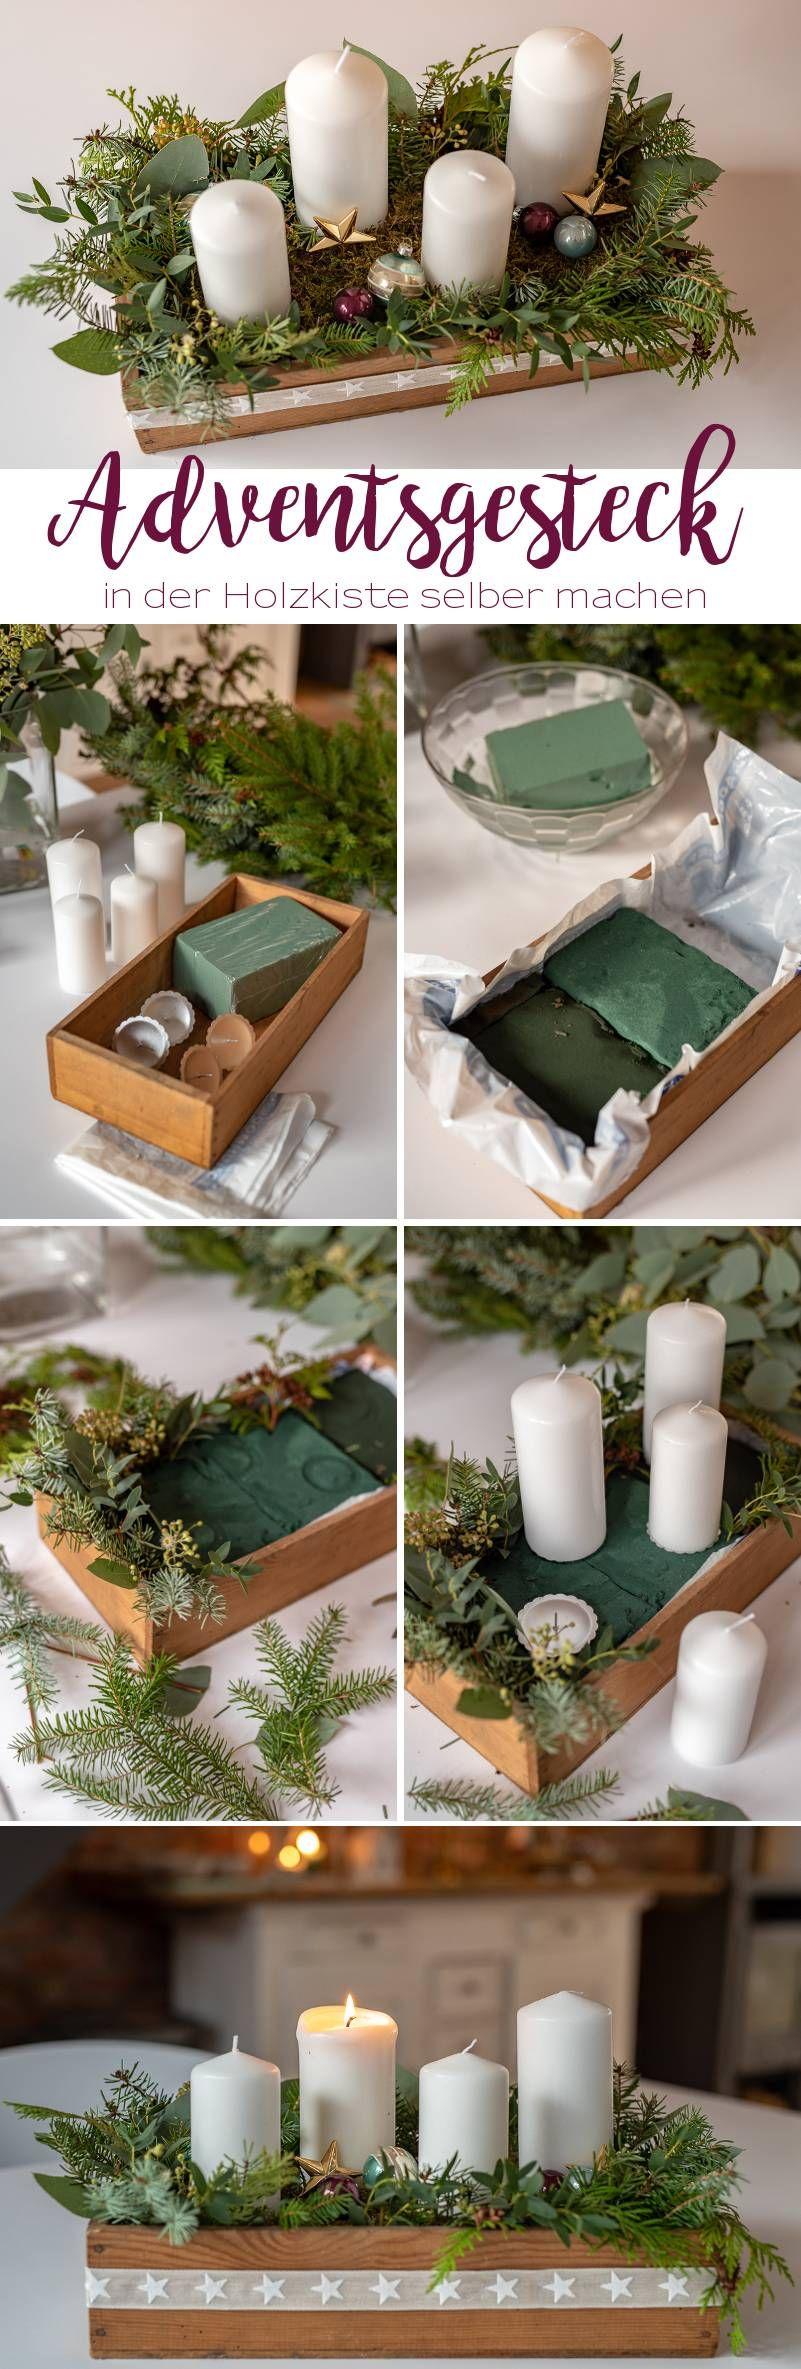 DIY Adventskranz: Adventsgesteck in der Holzkiste